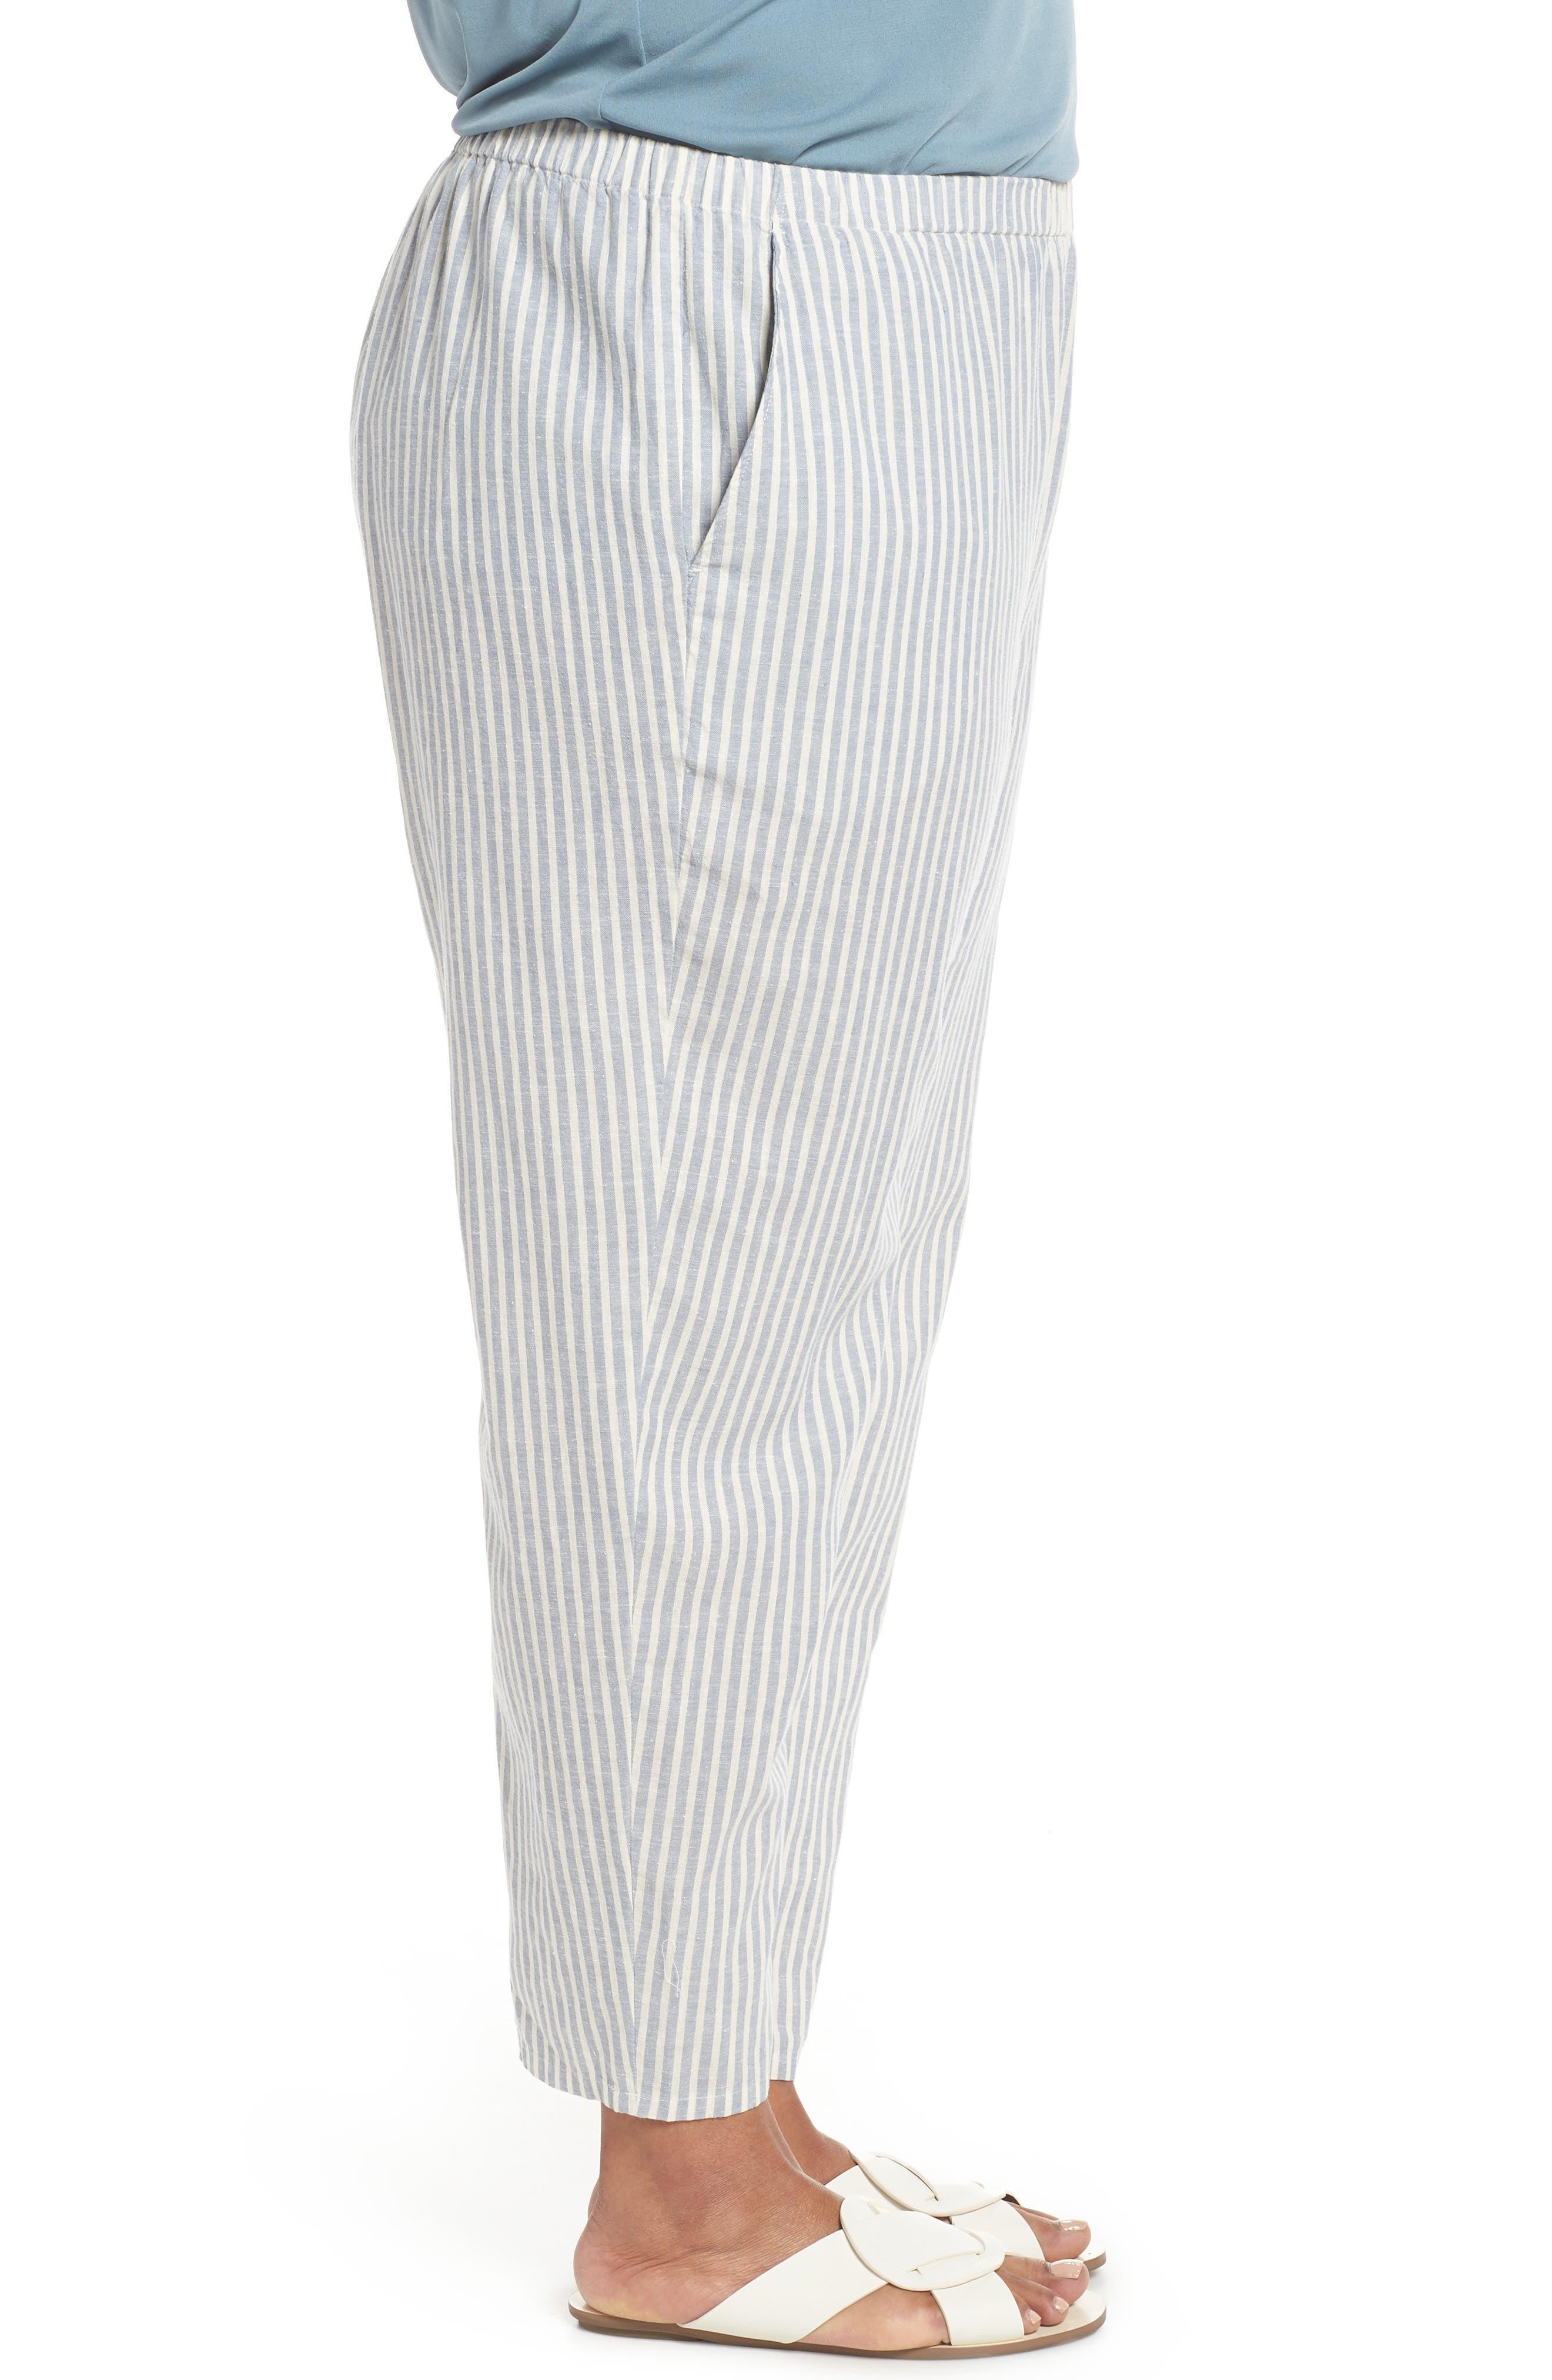 Stripe Ankle Hemp & Cotton Pants,                             Alternate thumbnail 3, color,                             Chambray